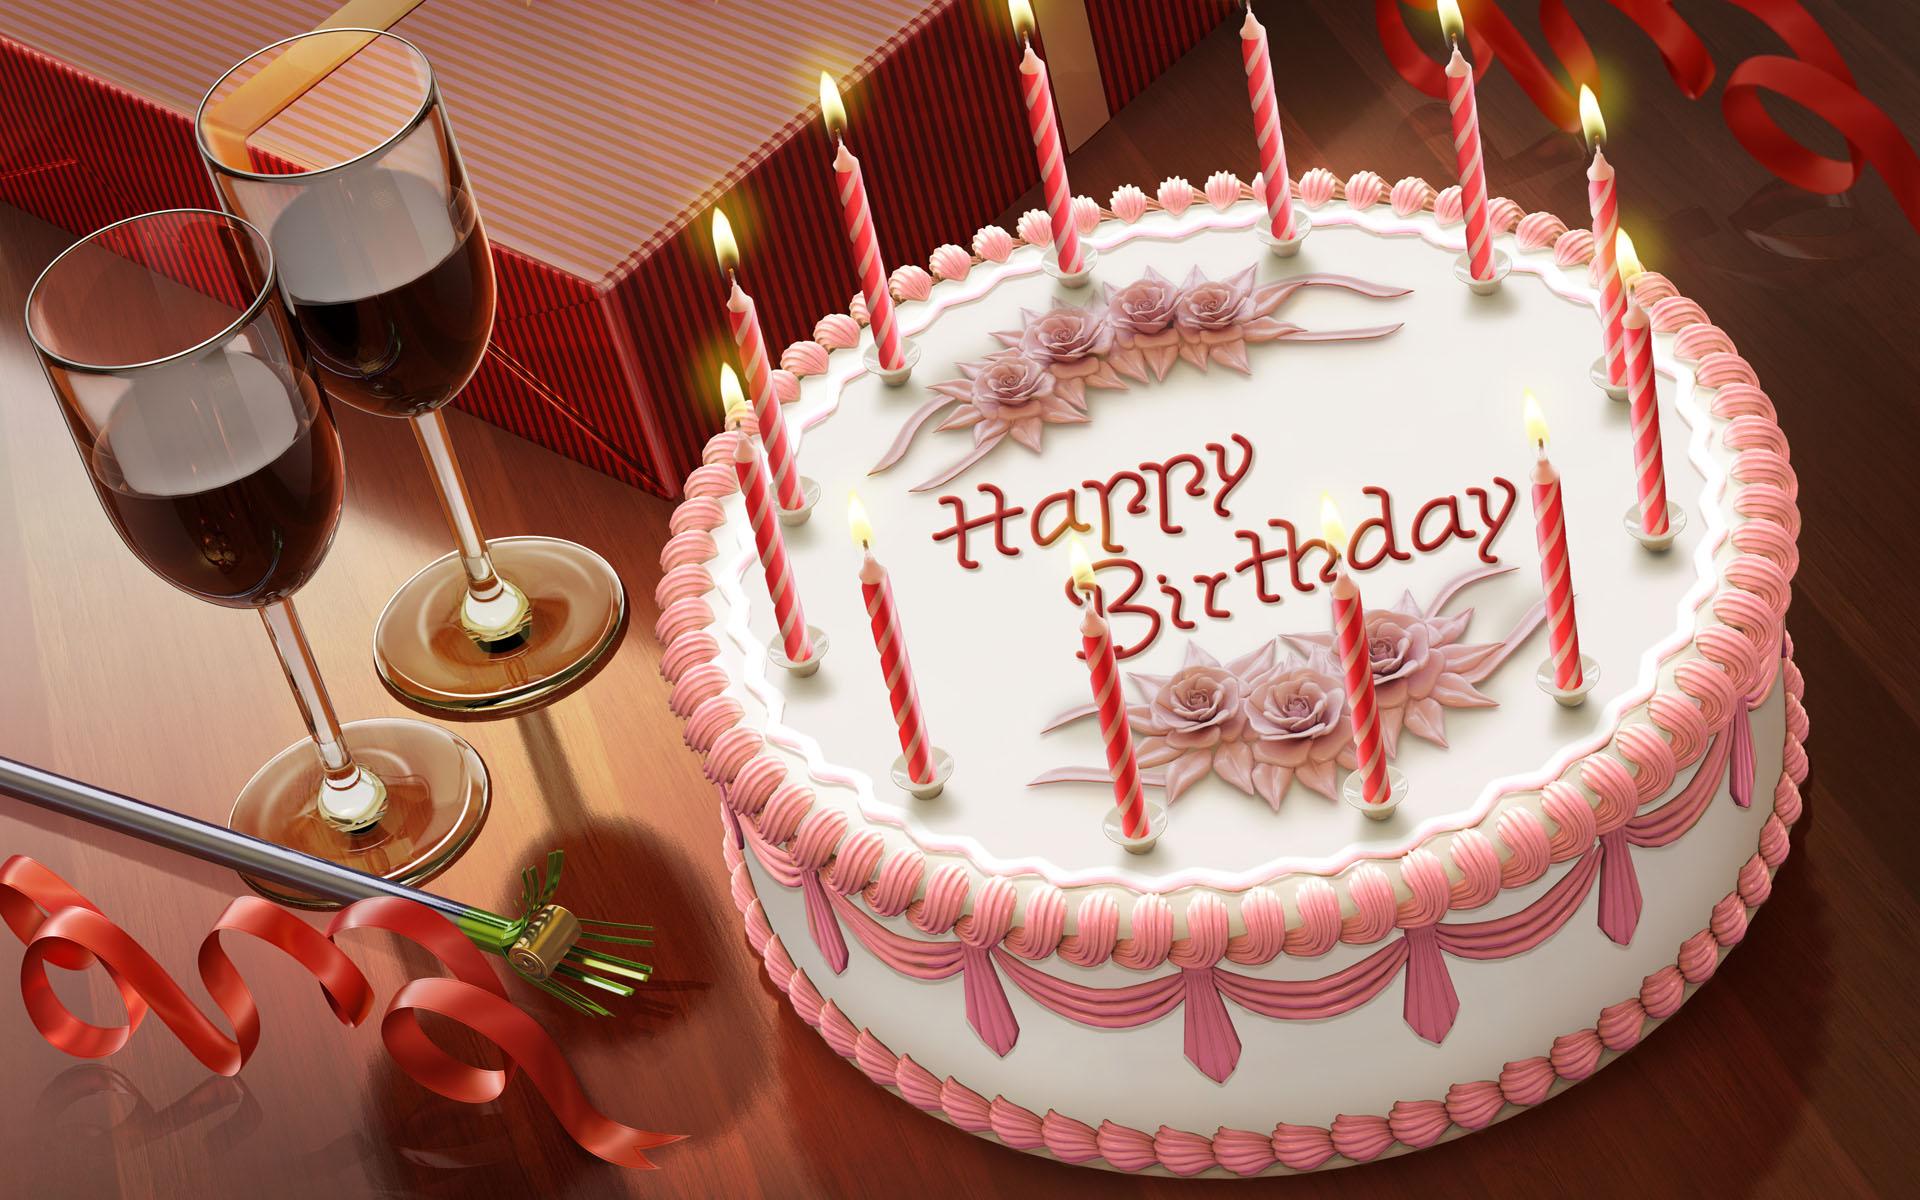 5000 happy birthday wishes birthday images birthday messages happy birthday wishes kristyandbryce Gallery